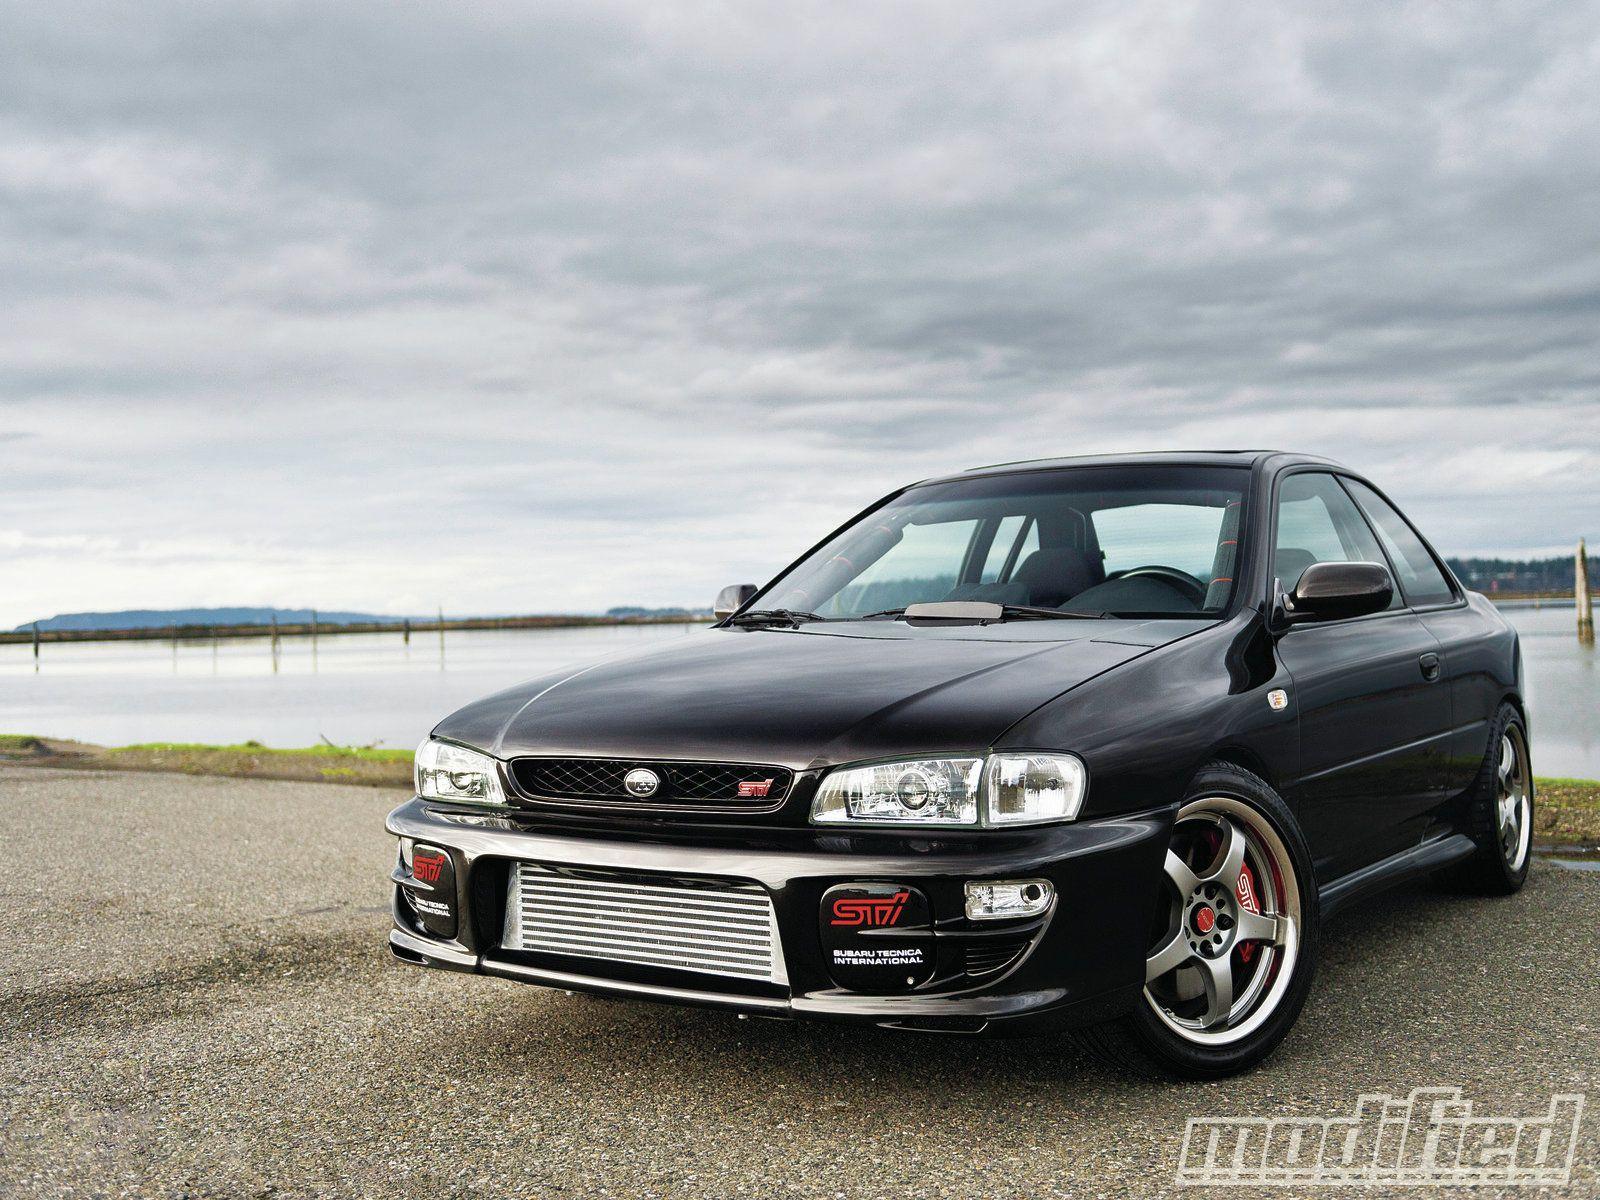 Subaru Forester Jdm subaru, Subaru, Subaru forester sti